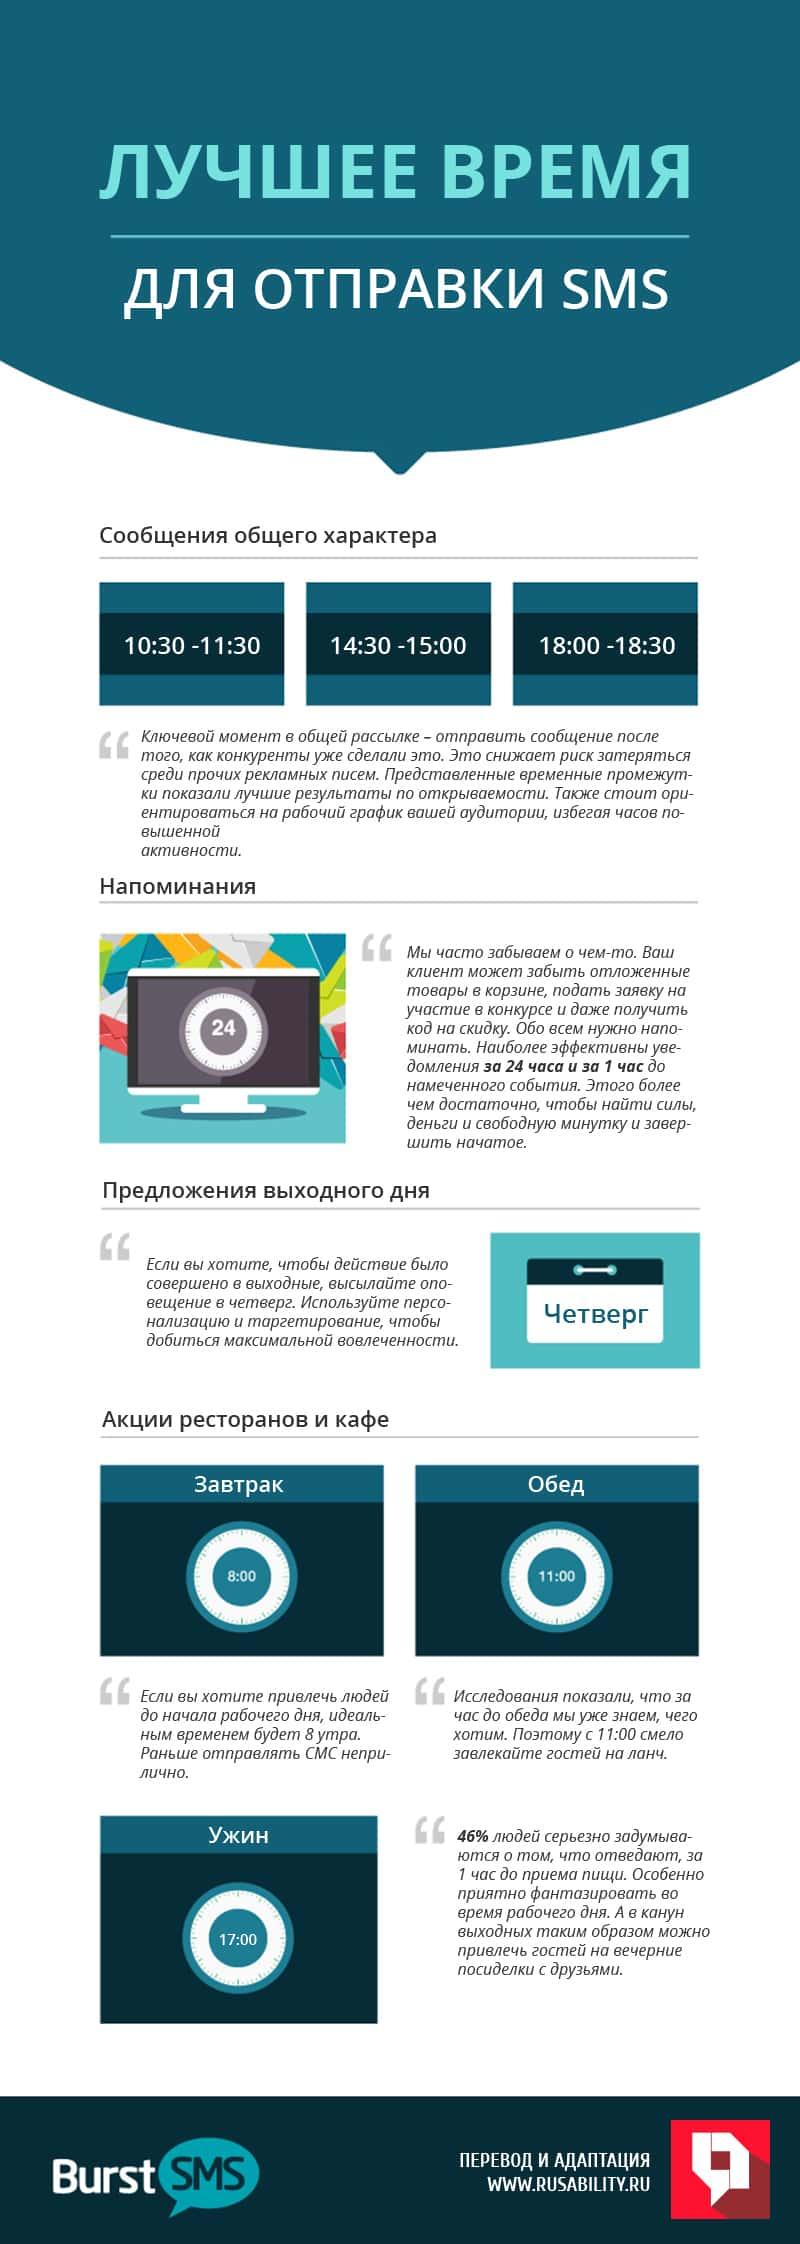 SMS-маркетинг, смс, мобильные, сообщения, реклама, рассылка, маркетинг, инфографика